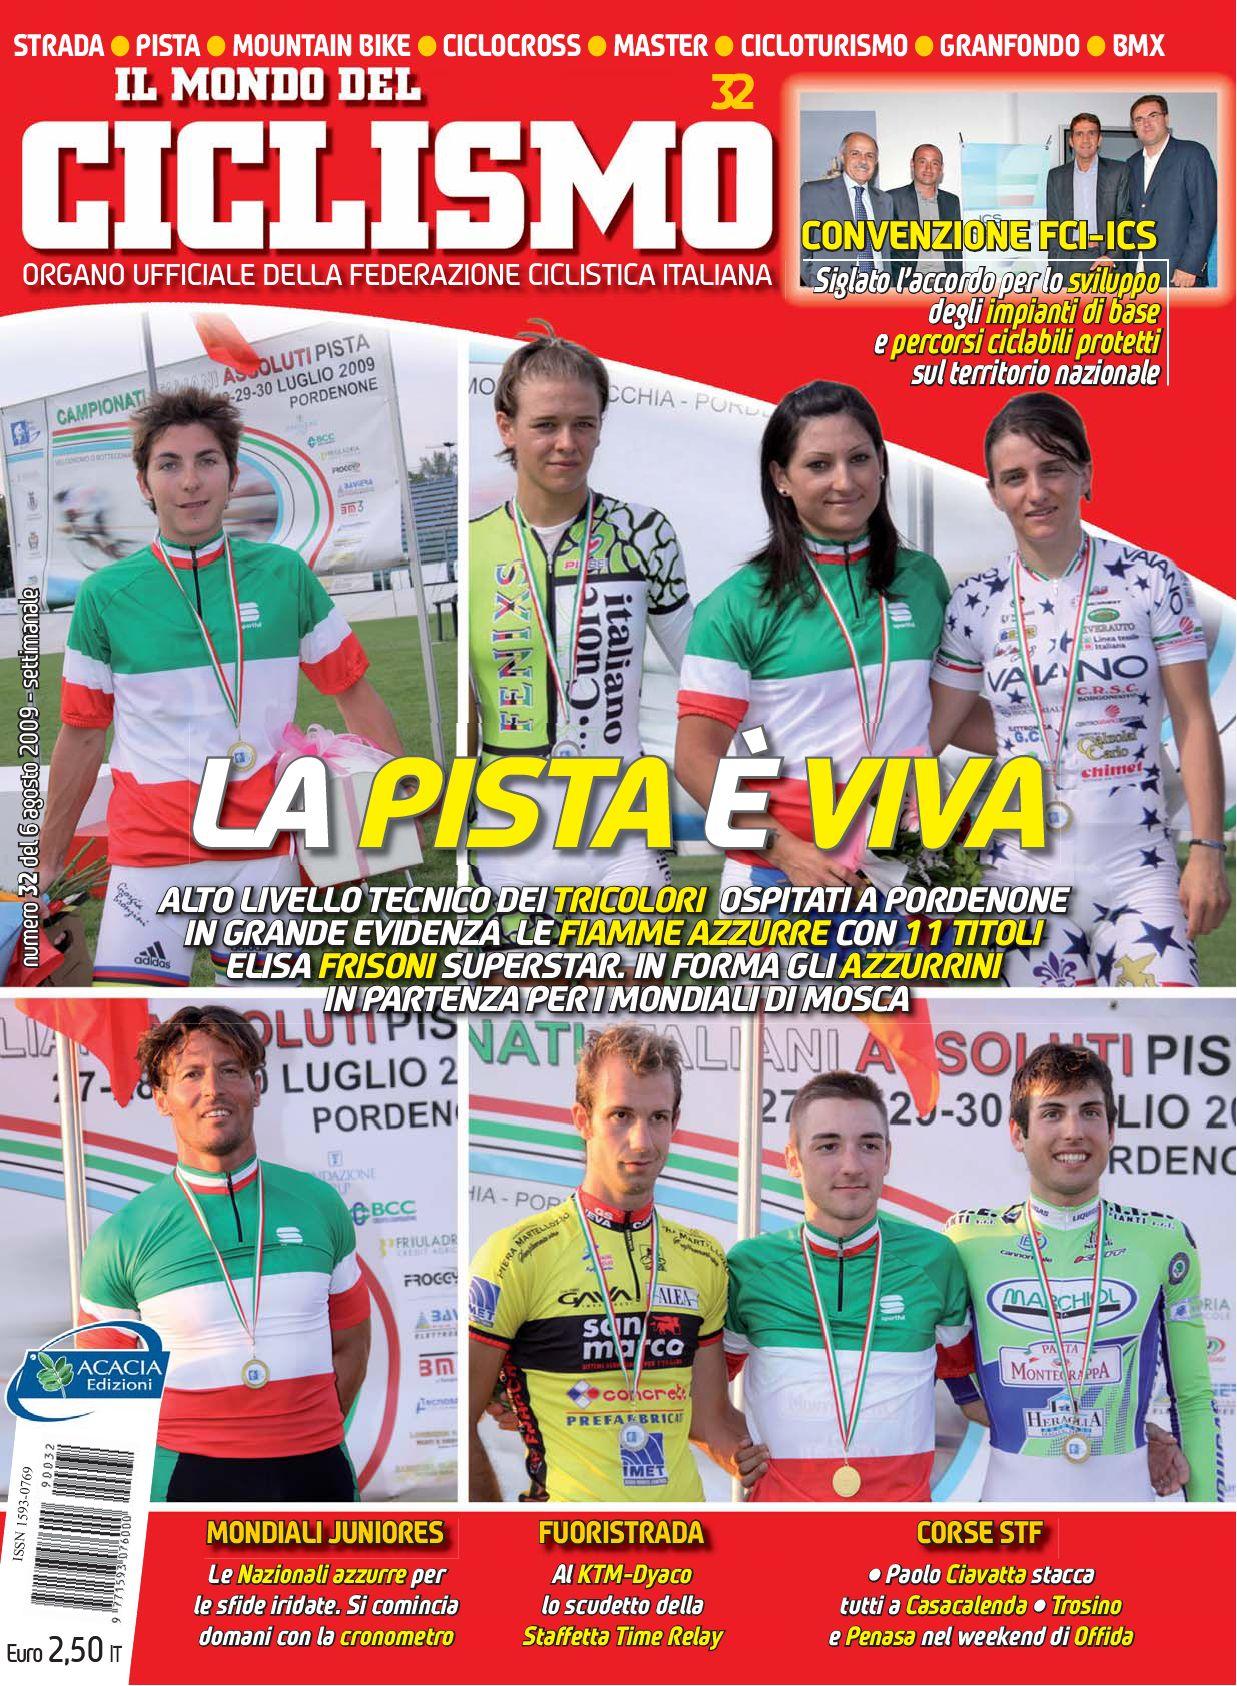 N 32 2009 De Il Mondo Del Ciclismo By Federciclismo Issuu